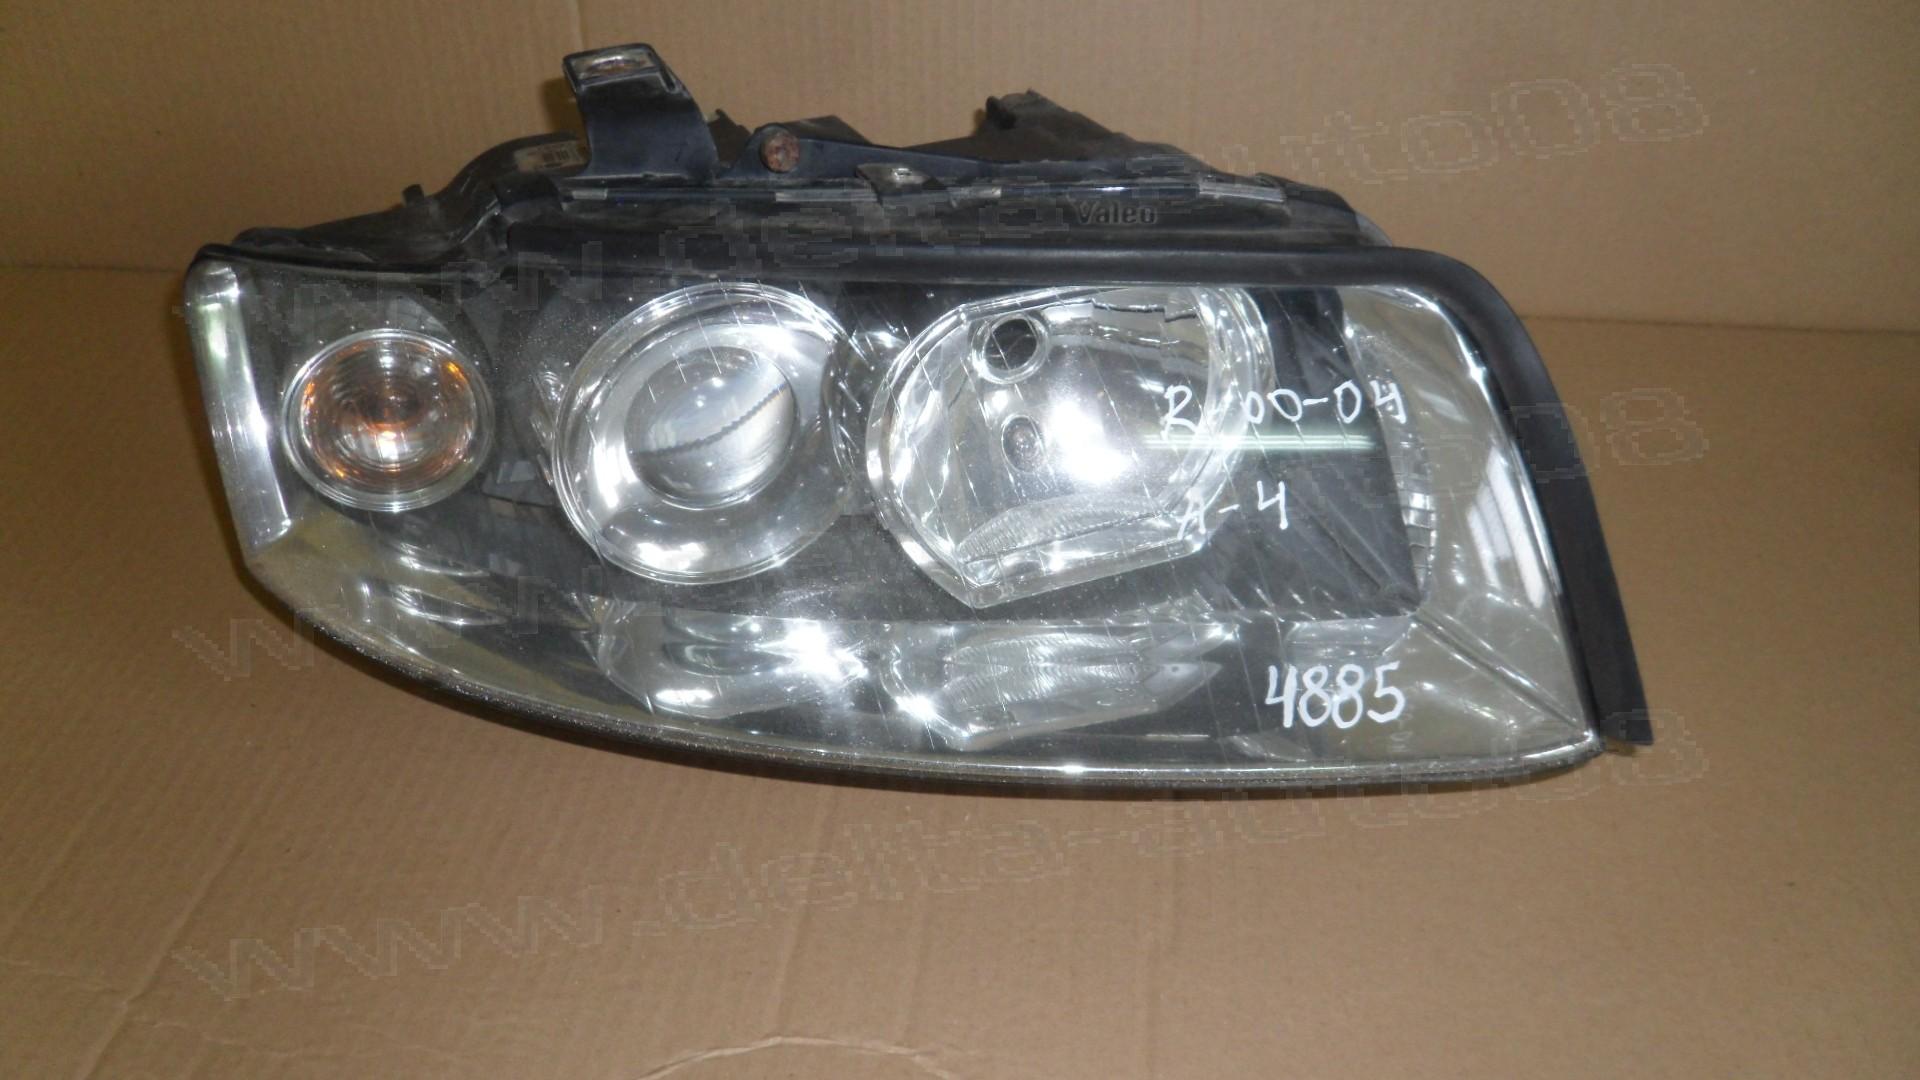 Фар за Audi A4, B6 - 2000-2004г. - десен - 8E0 941 004 G, 8E0941004G, 89305720